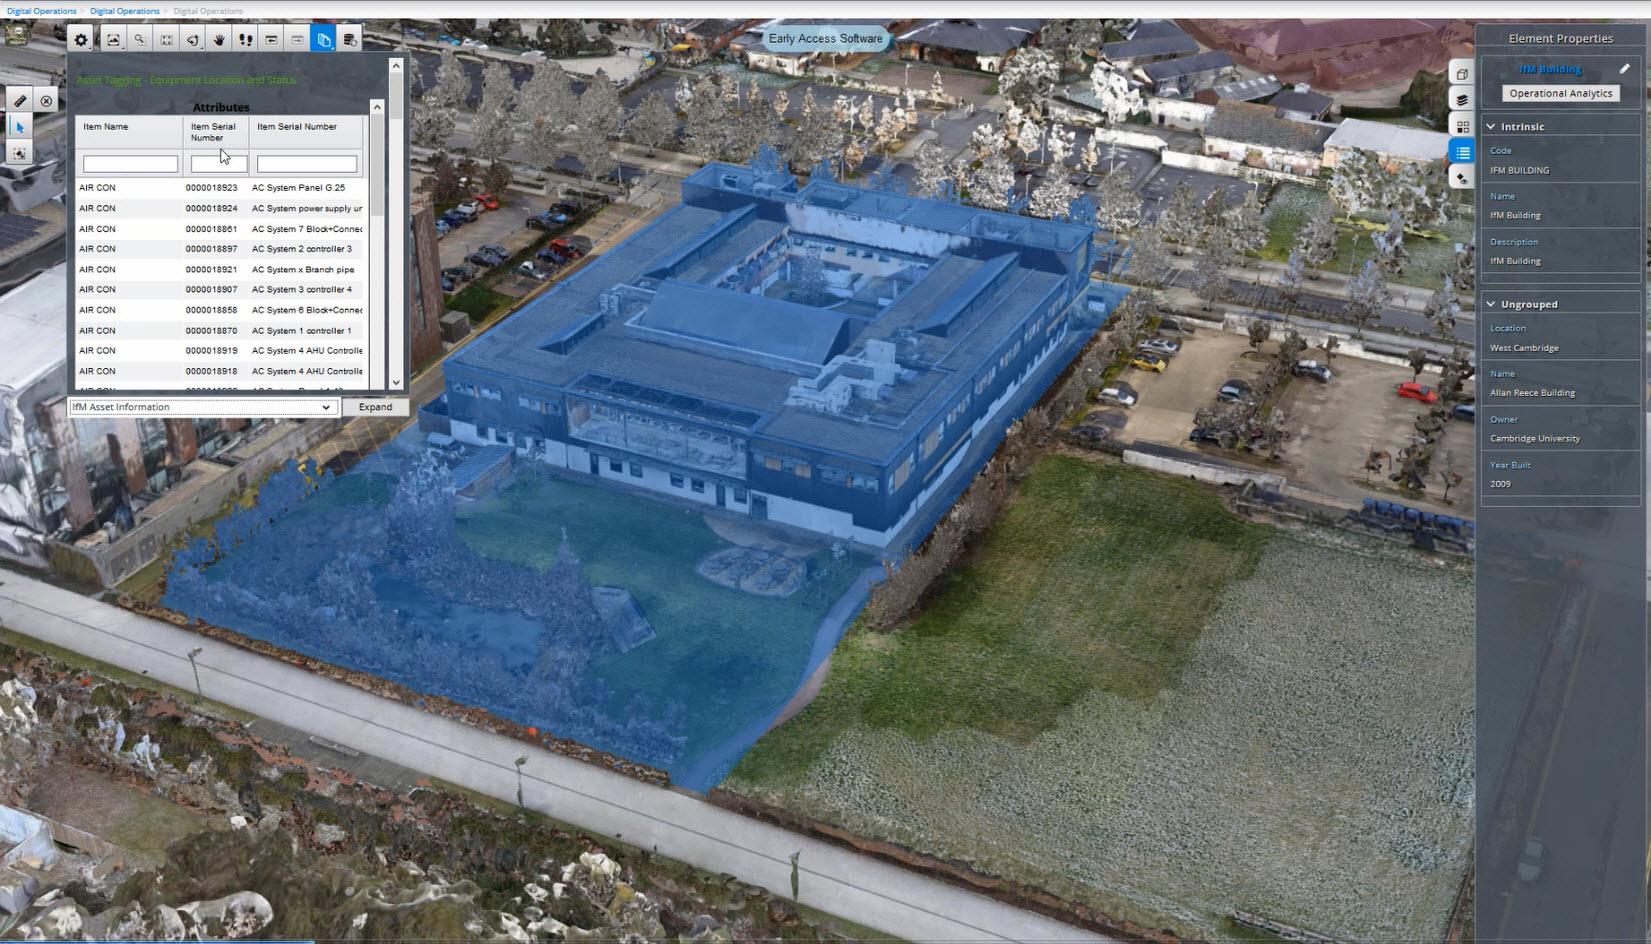 Der digitale Zwilling von West Cambridge wurde erstellt, um die Auswirkungen von digitalen Zwillingen auf Städteebene für die Verwaltung und Produktivität von Infrastruktur zu demonstrieren. (Bild: Bentley Systems Germany GmbH)